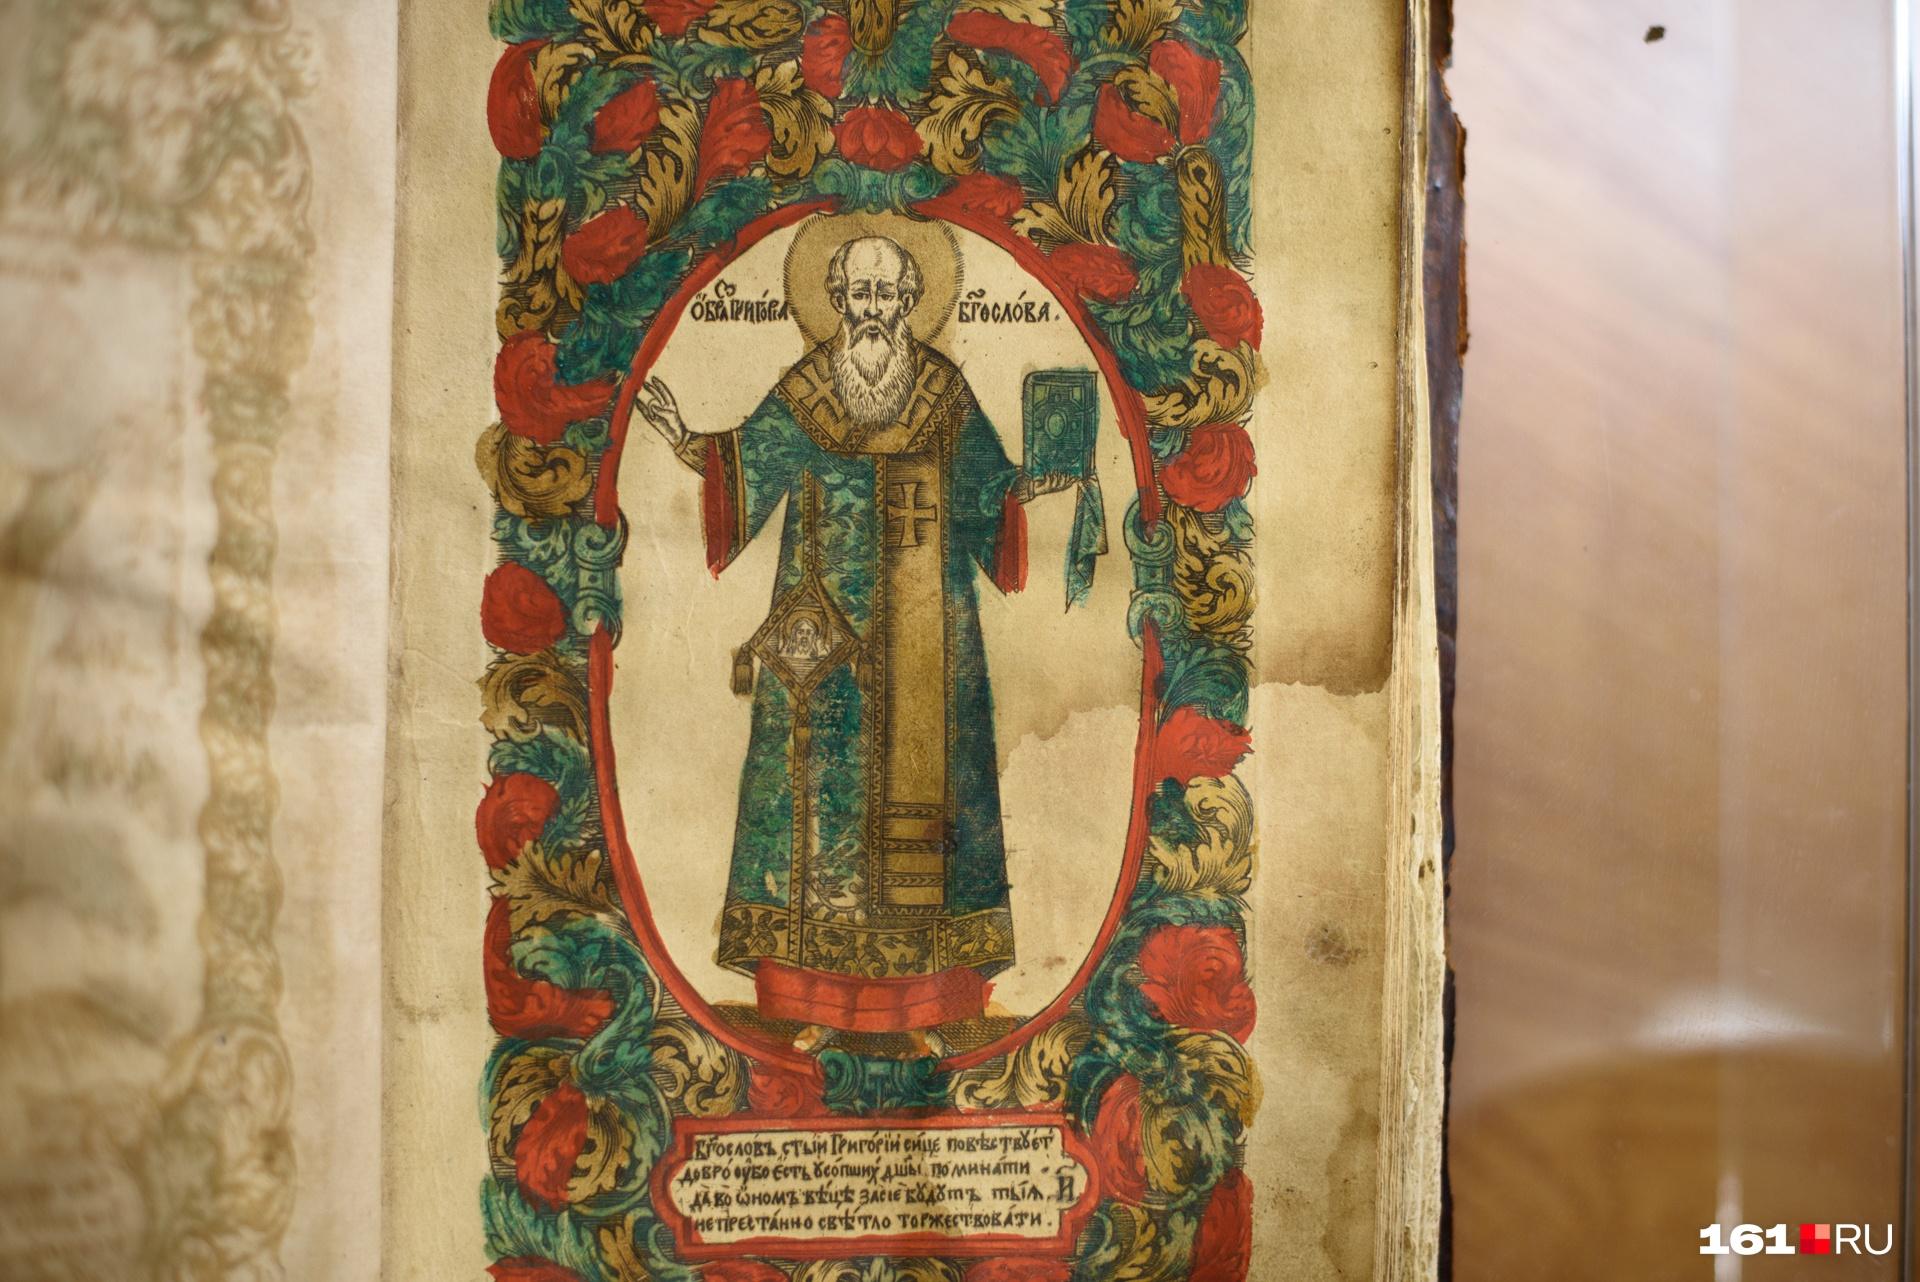 Под иллюстрациями со святыми обычно описывали процессы погребения и поминок. Использовали три цвета, техника небрежная — предположительно, картины раскрашивали пальцами дети